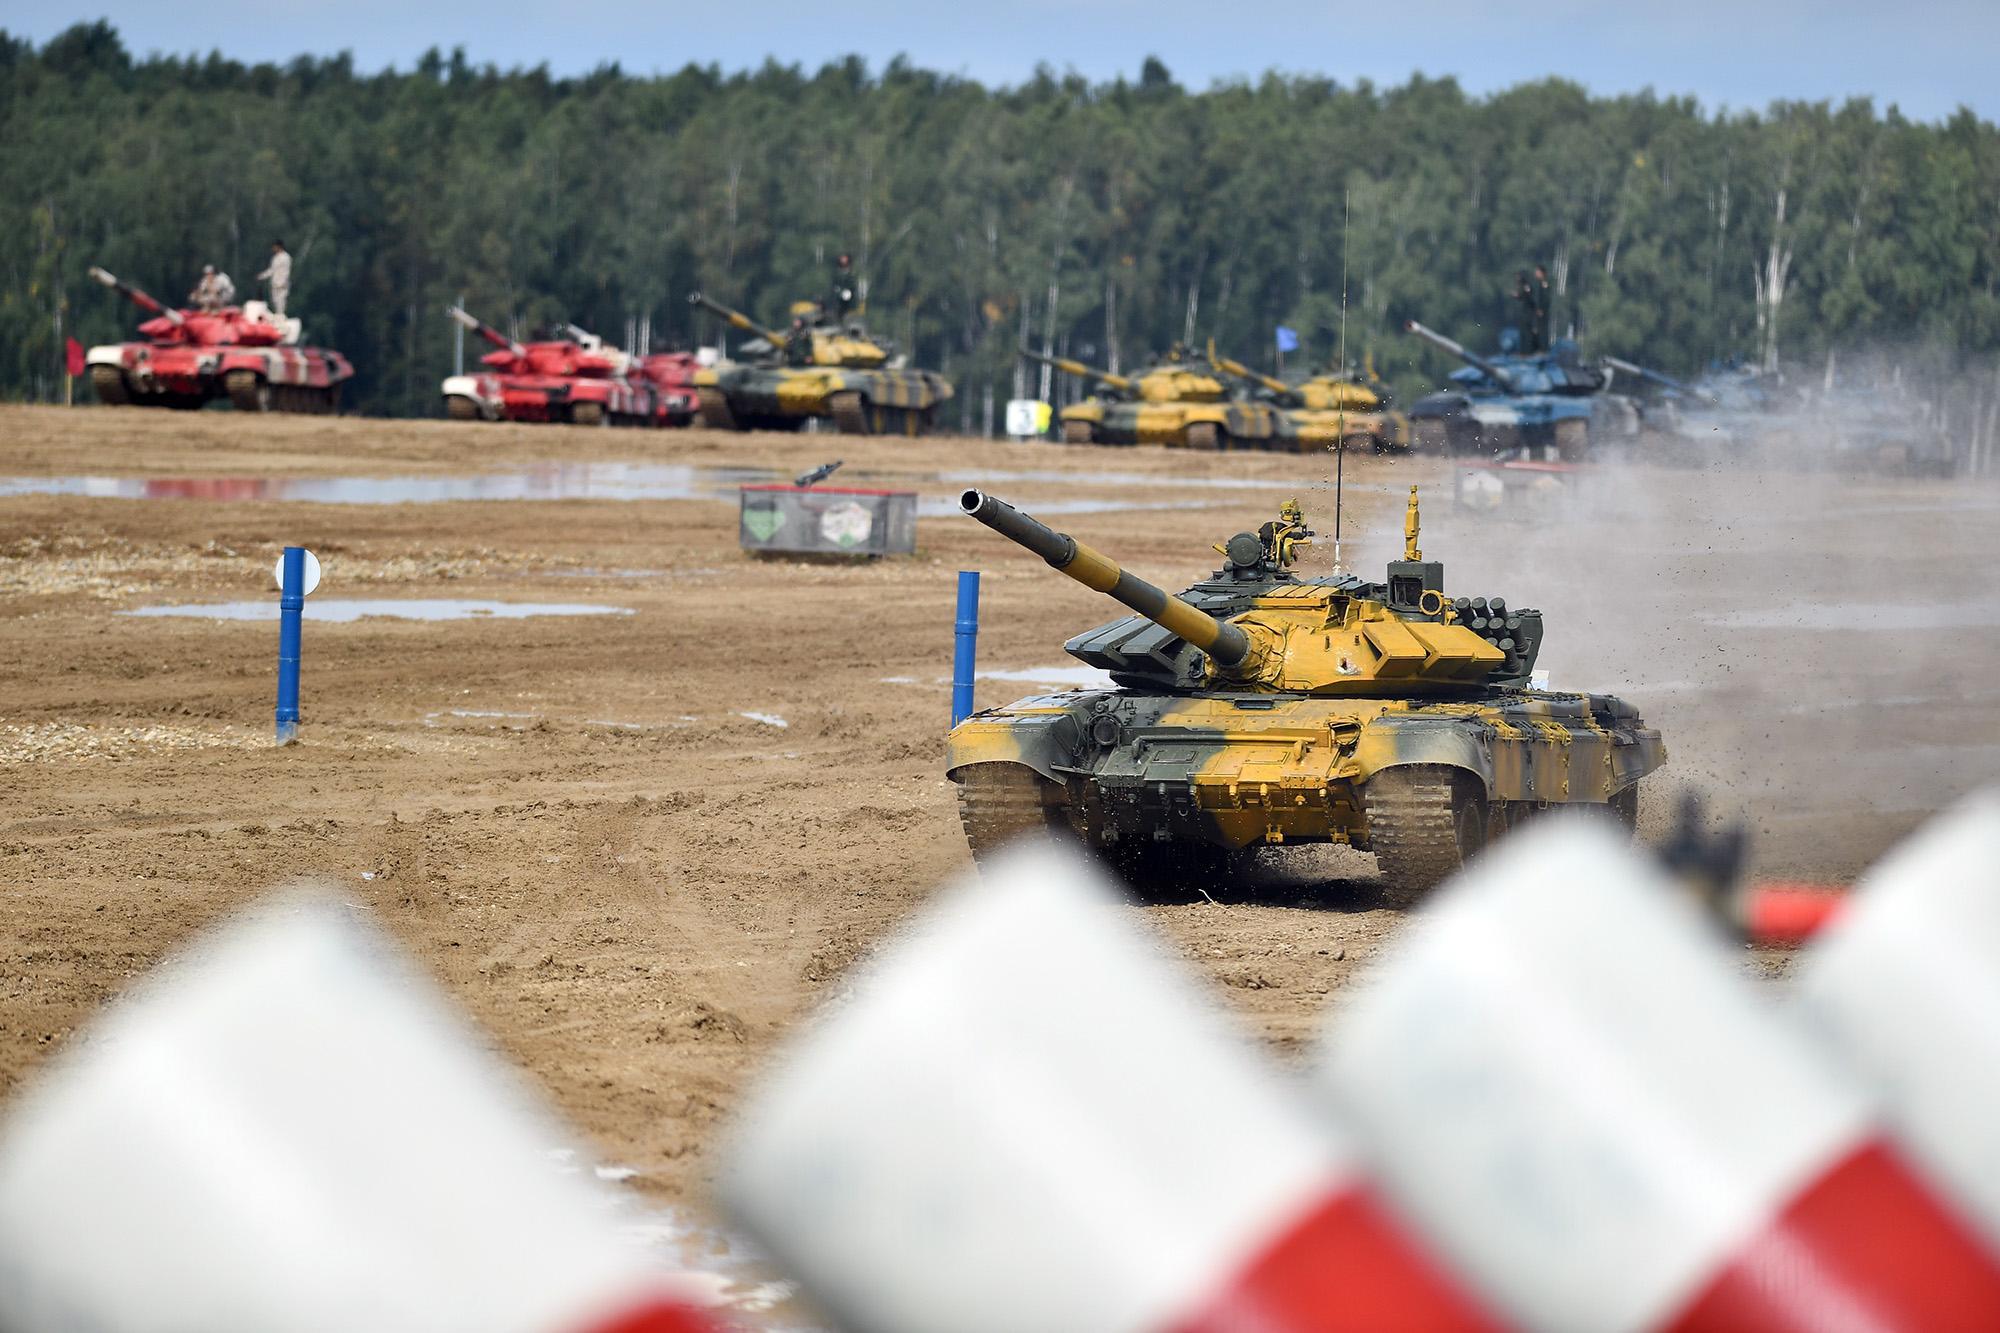 Hình ảnh xe tăng Việt Nam hùng dũng thi đấu ở trận 2 Tank Biathlon - Army Games 2020 - Ảnh 5.